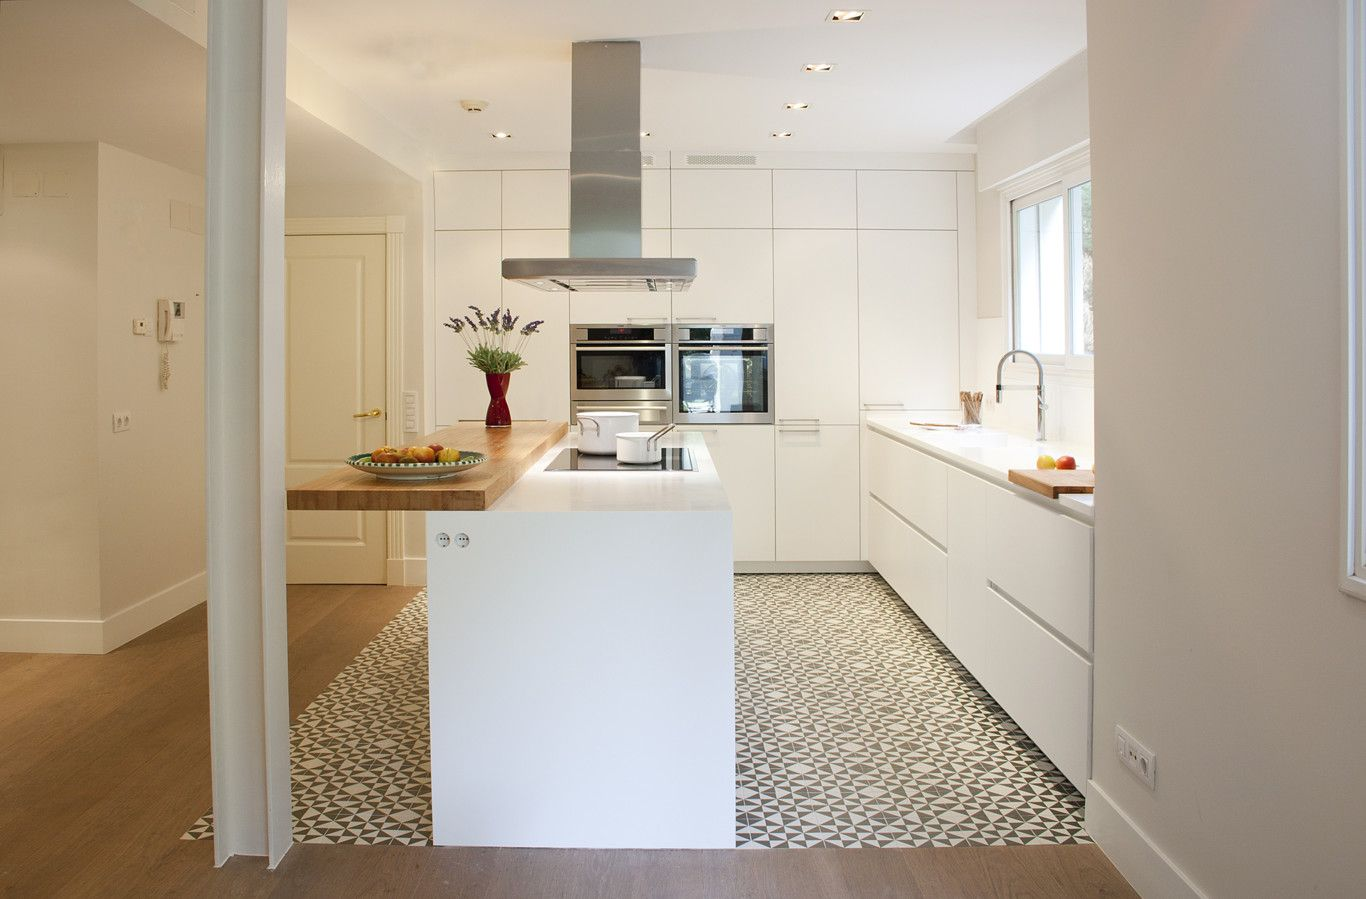 Una Buena Idea Separar Ambientes En La Cocina Con Baldosa